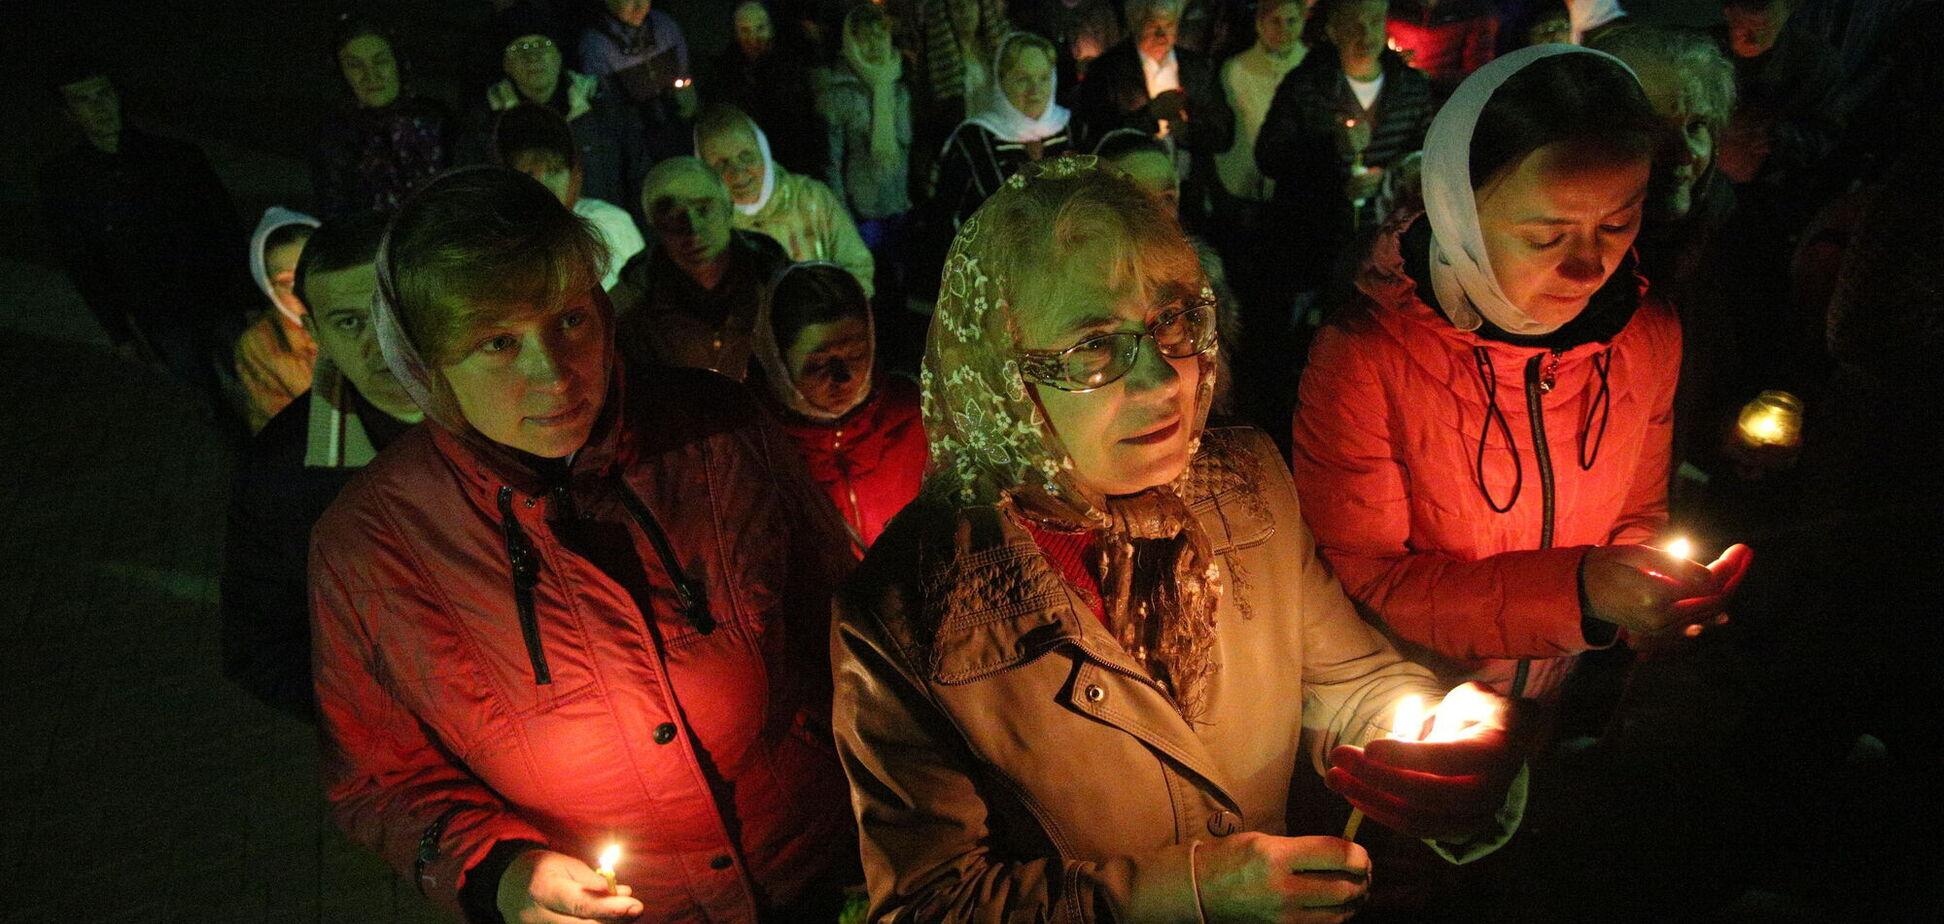 На Пасху в Киеве могут запретить богослужения